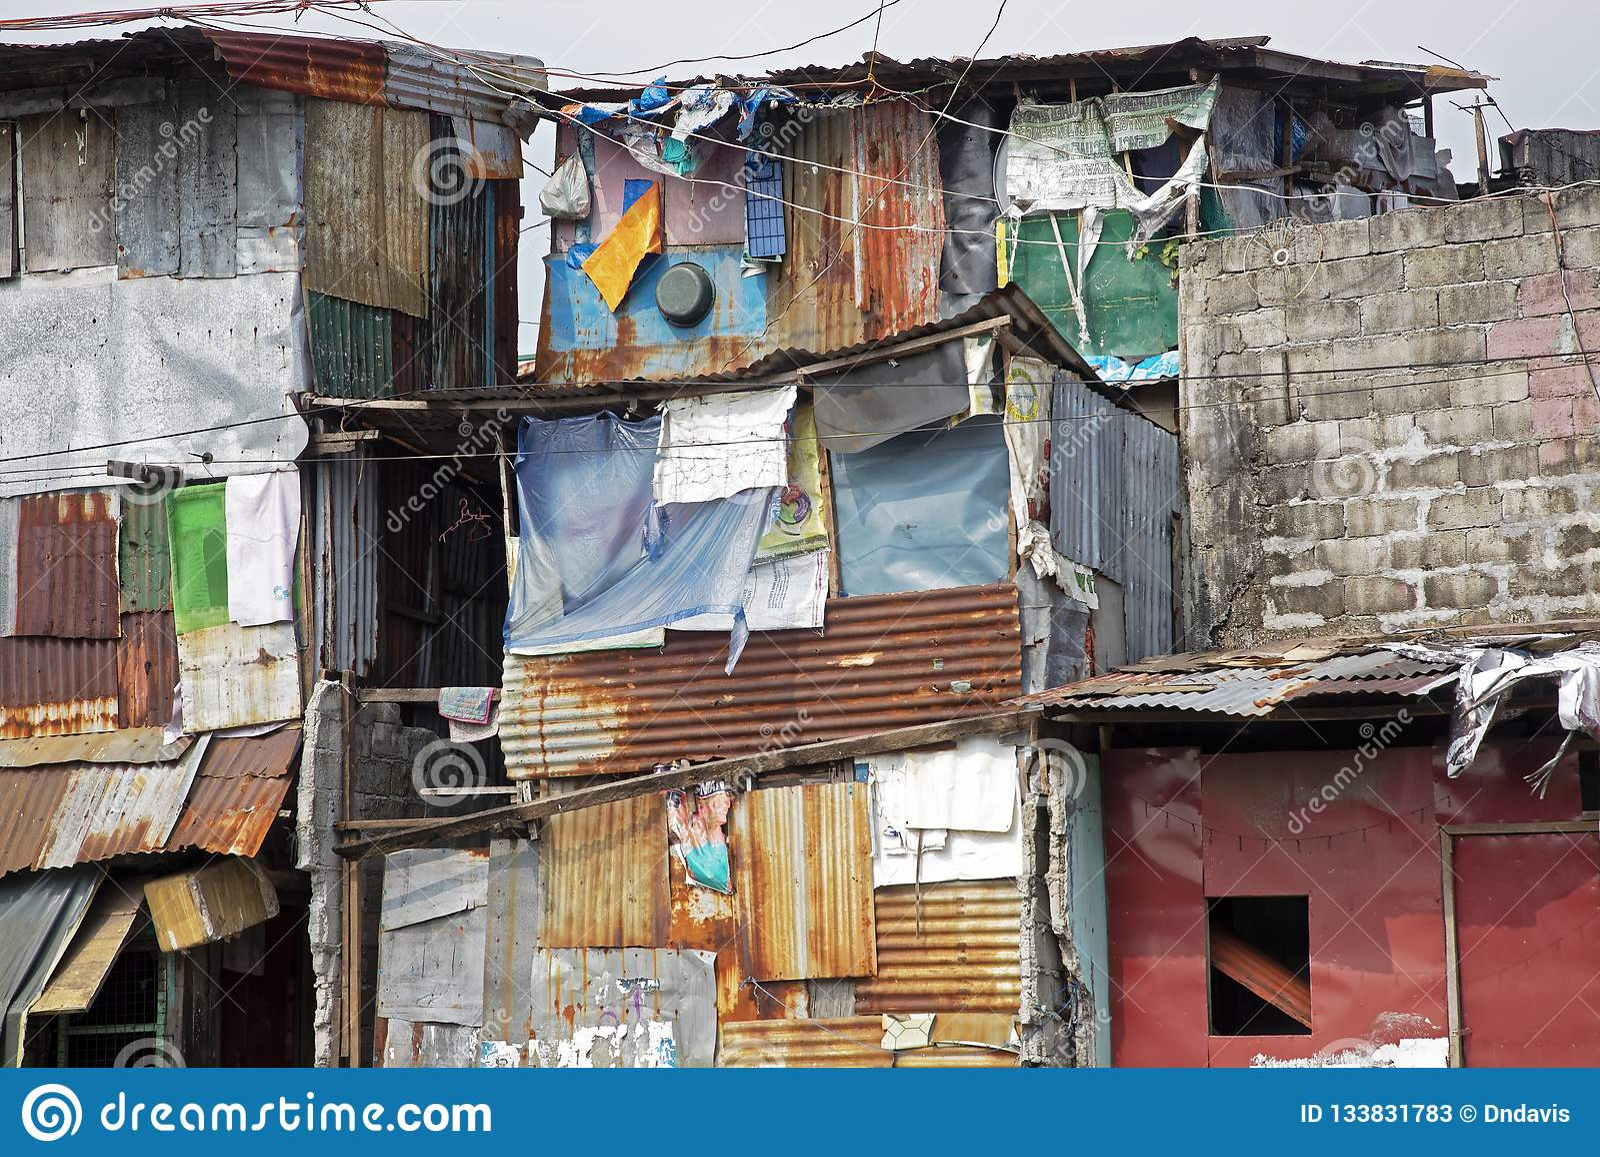 Povertà nelle vie di Manila nelle Filippine